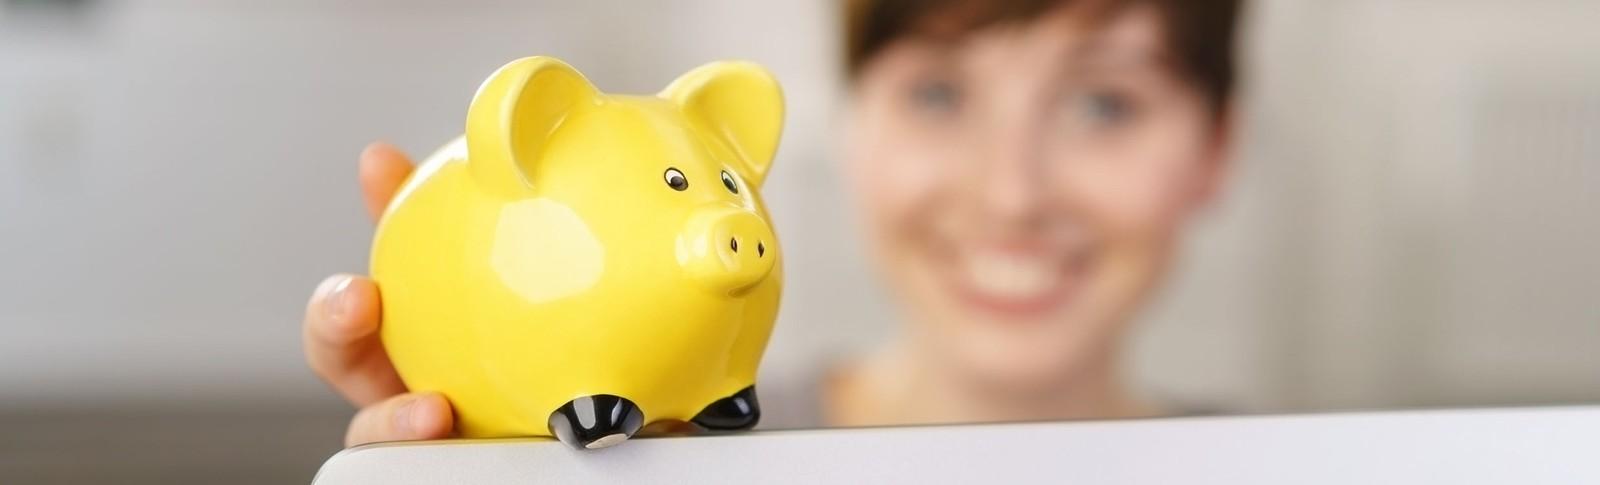 Frau hält gelbes Sparschwein in der Hand, denn in den Moser Kliniken kann sie ihre Brustverkleinerung auf Raten bezahlen